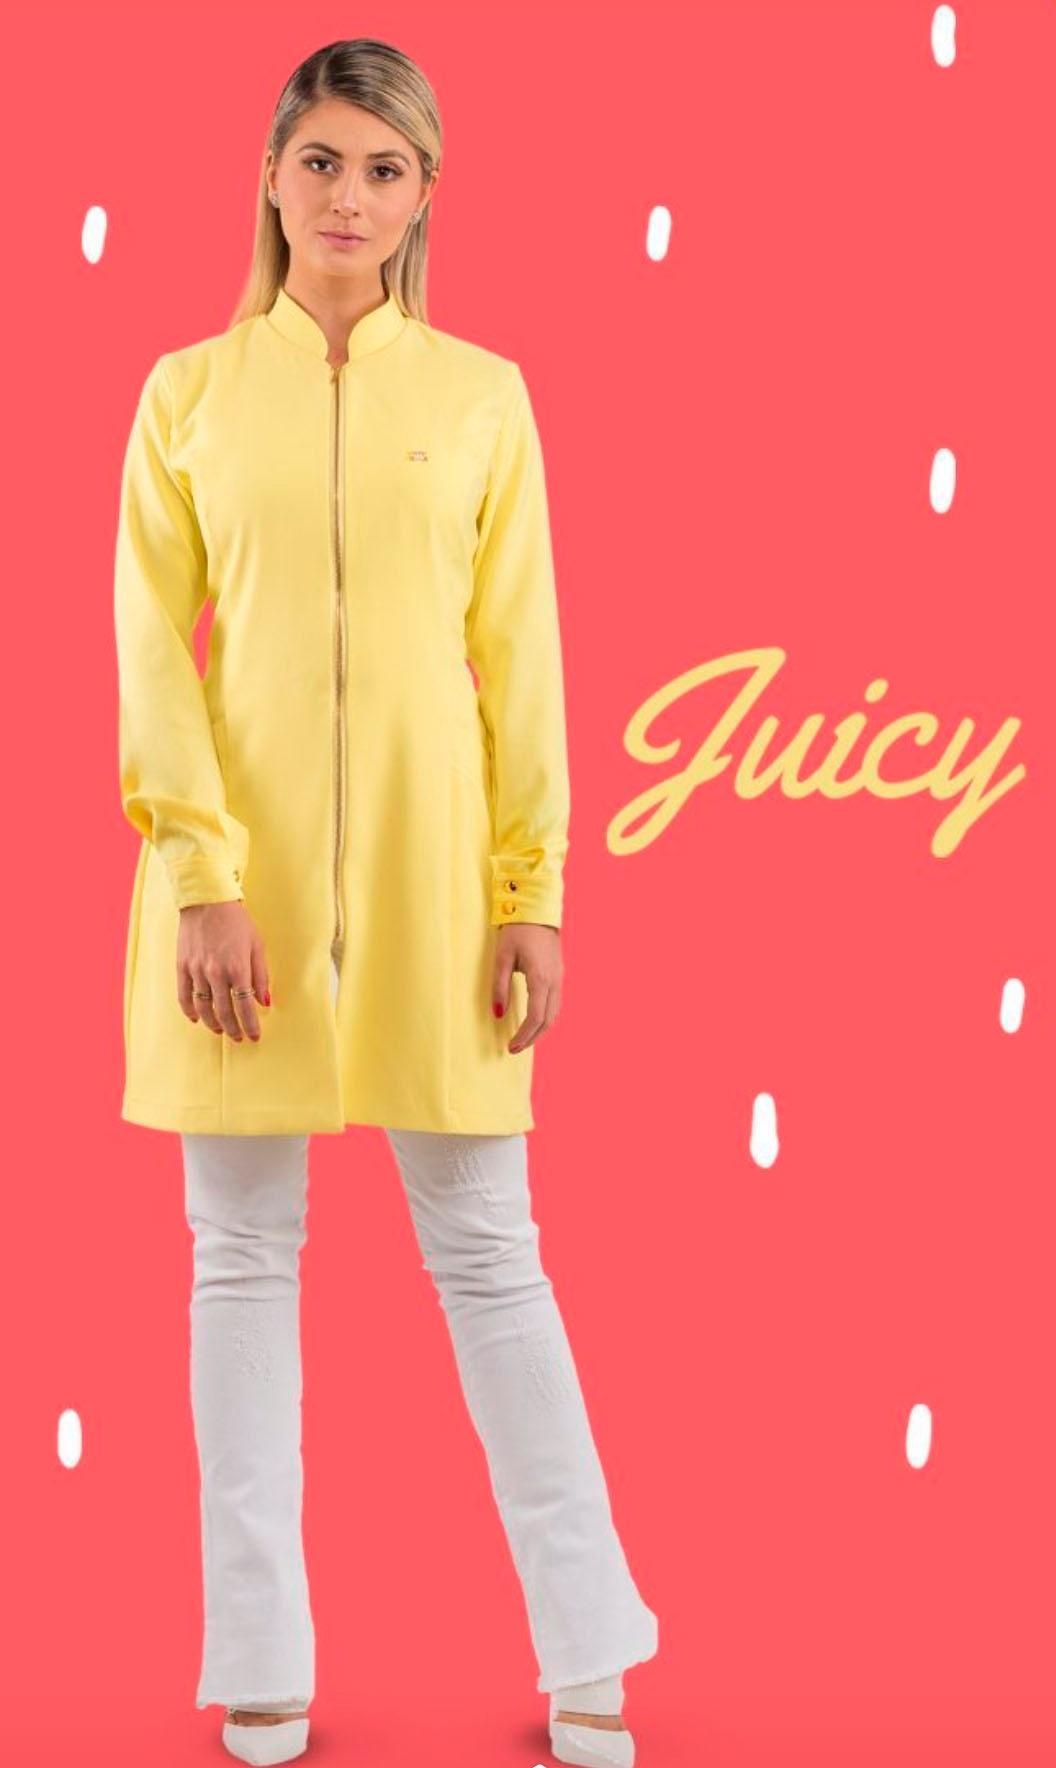 Juicy Amarelo-Melão